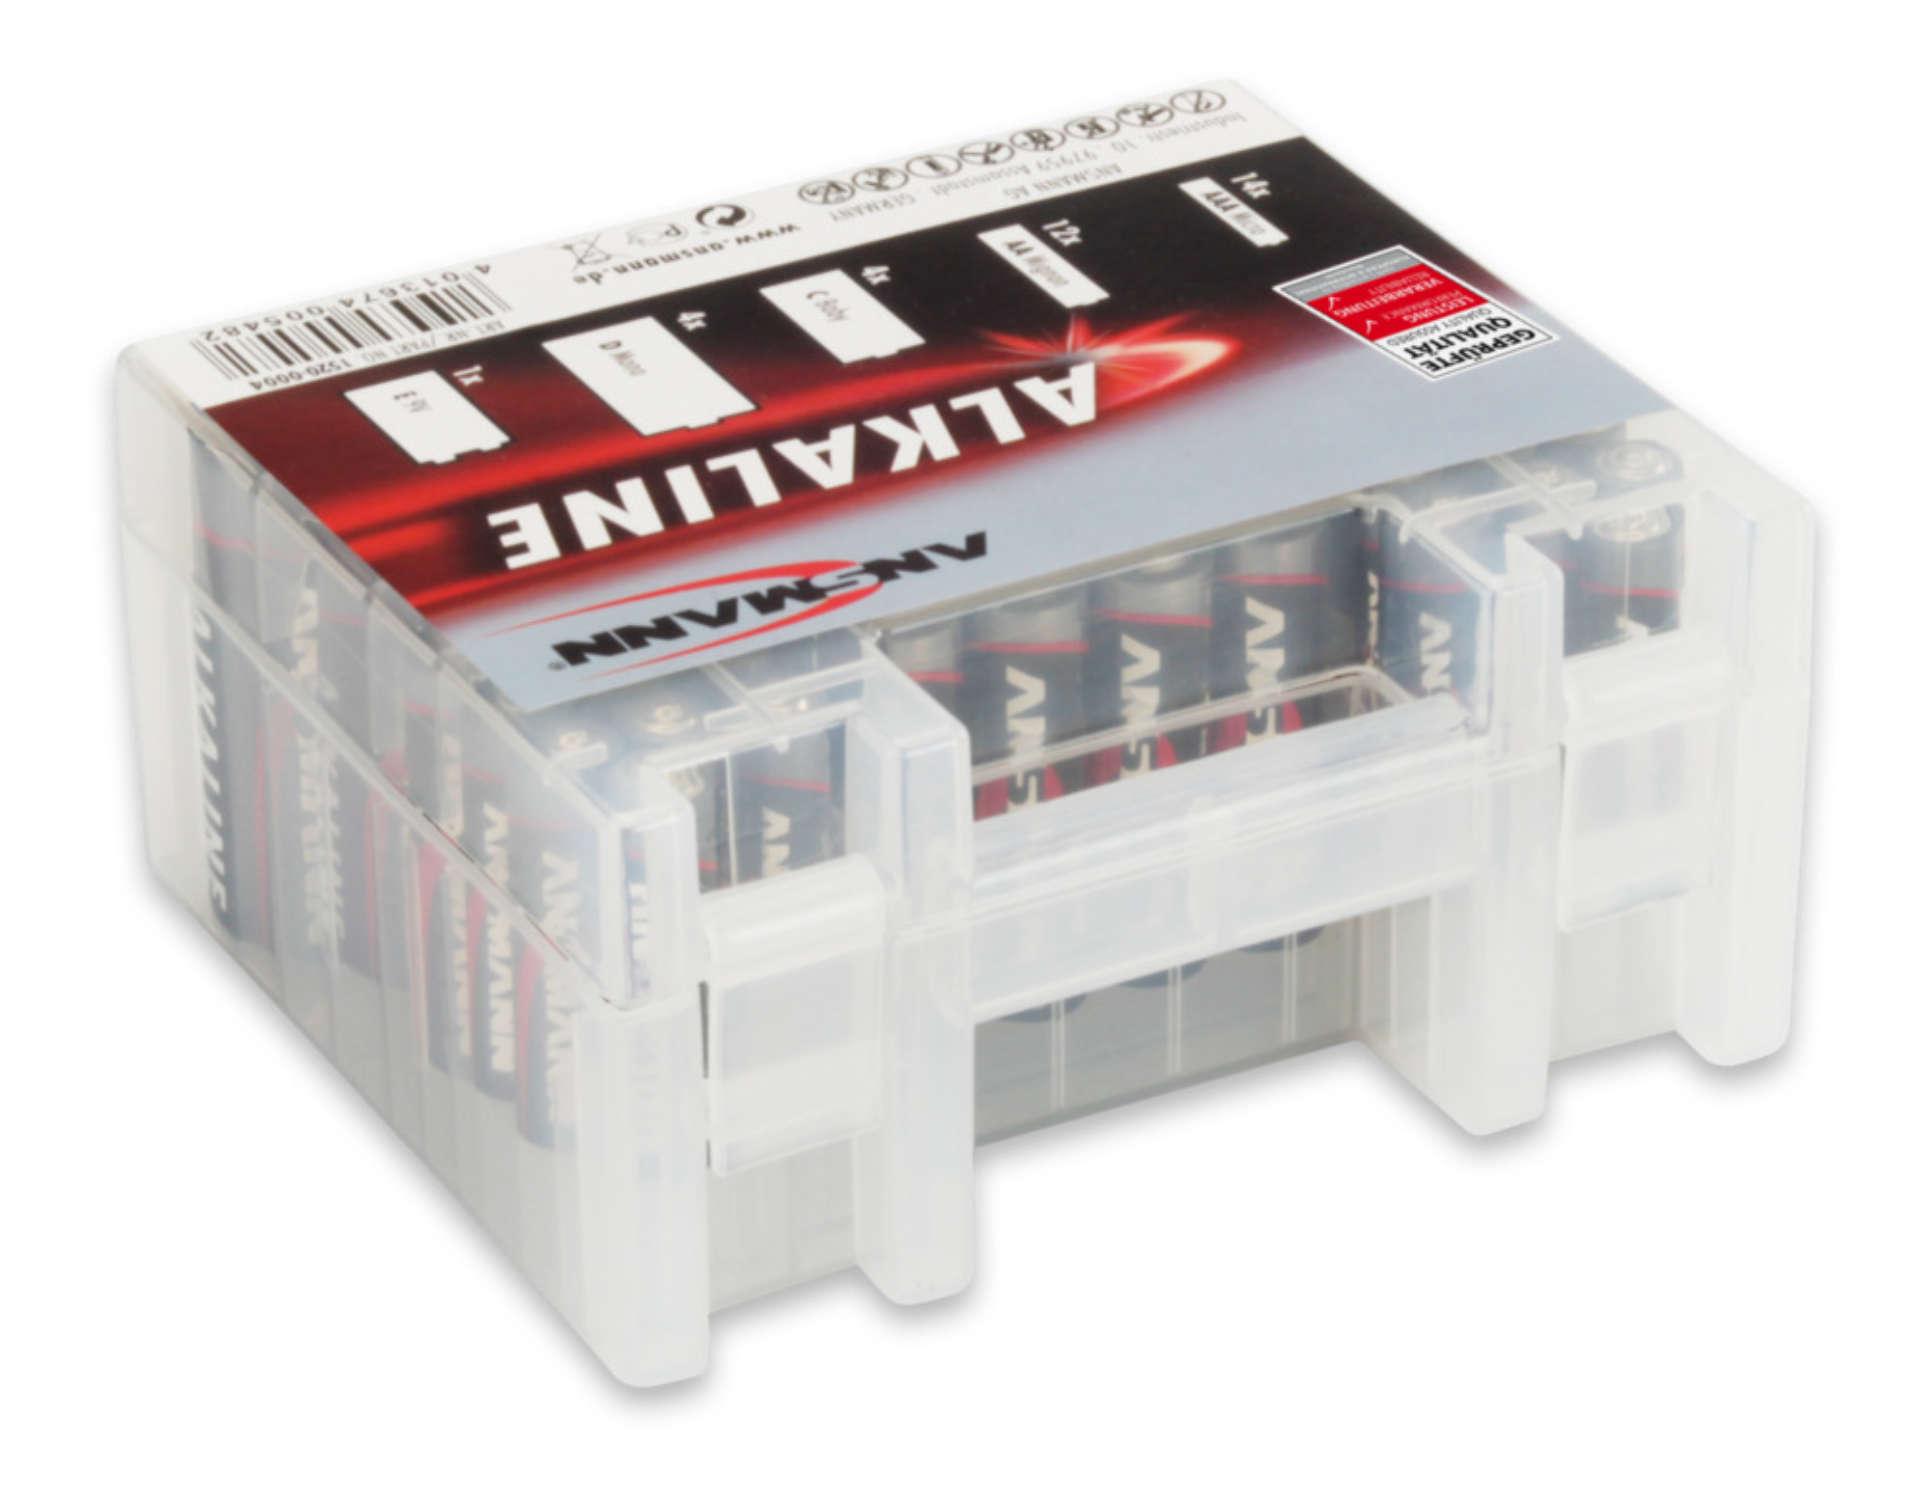 35er batterijbox